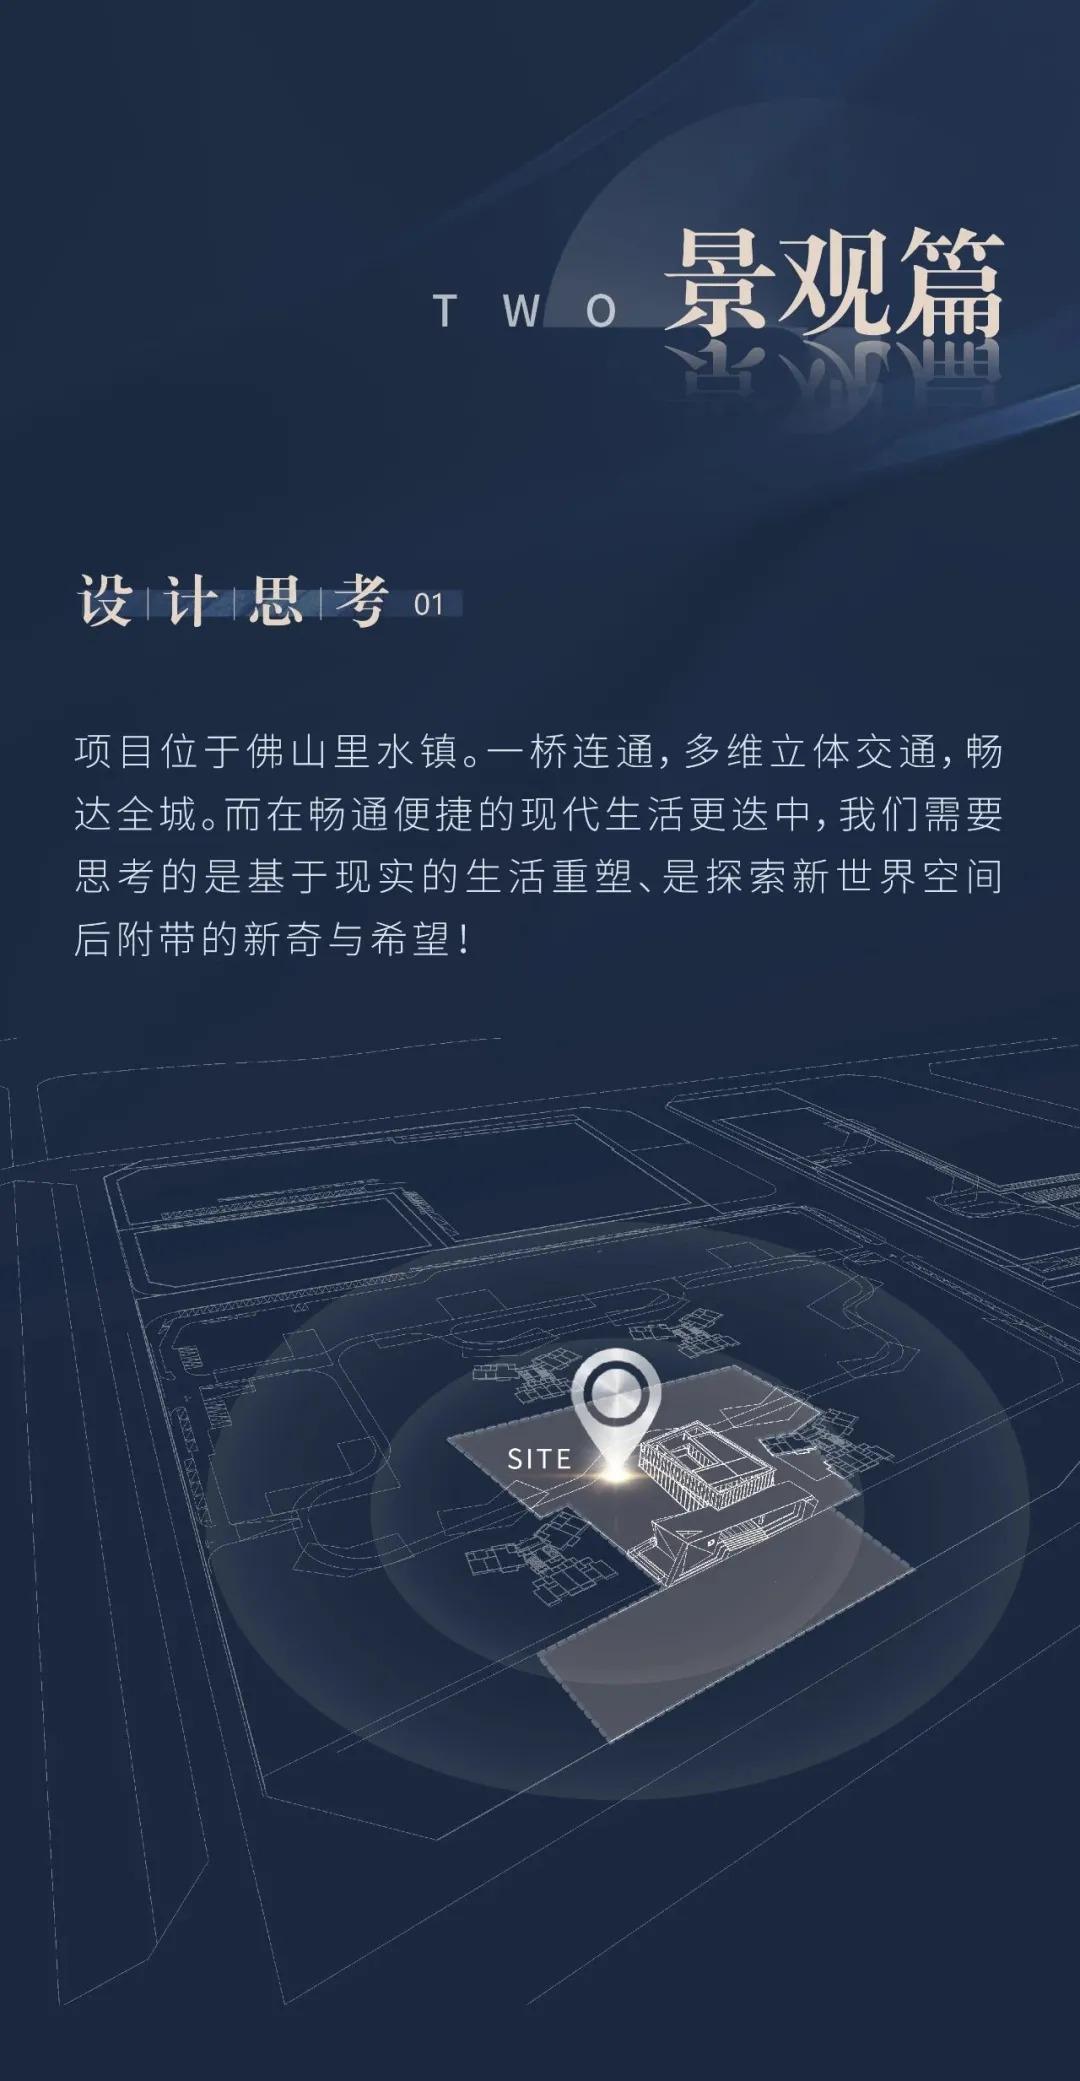 蓝光 佛山未来城  建筑设计 /  HZS汇张思